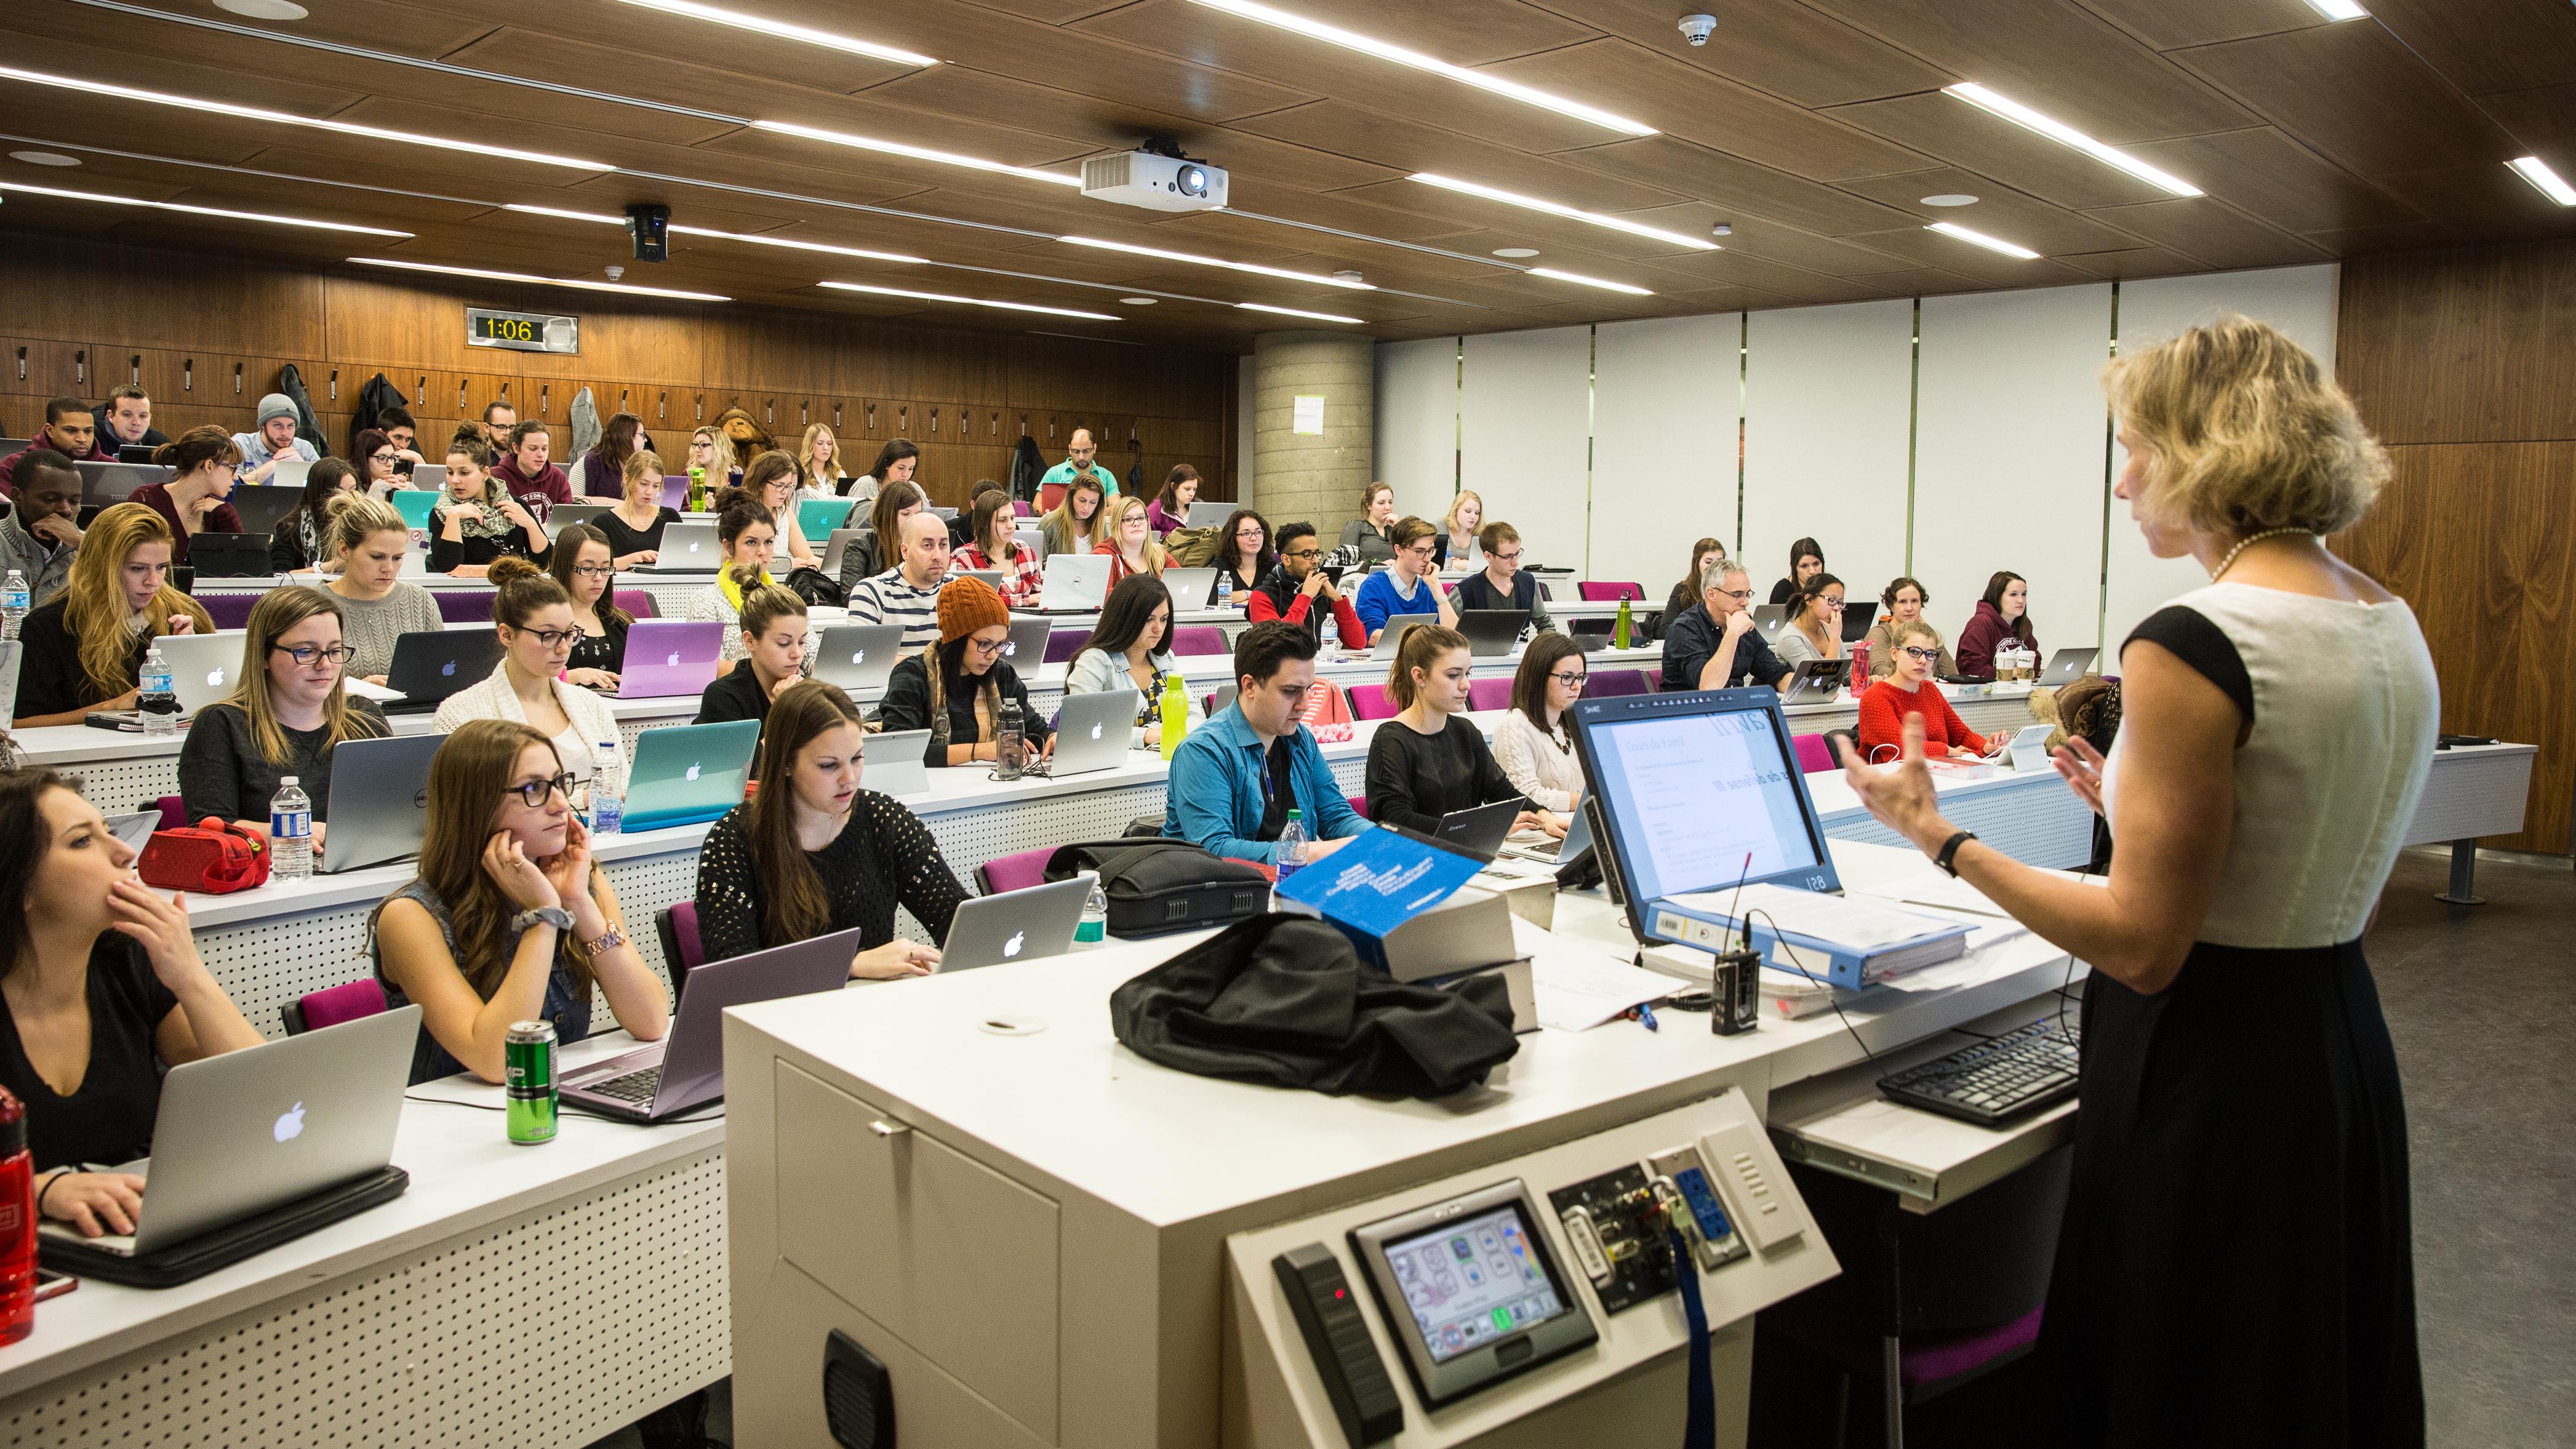 Professeur enseignant devant une classe